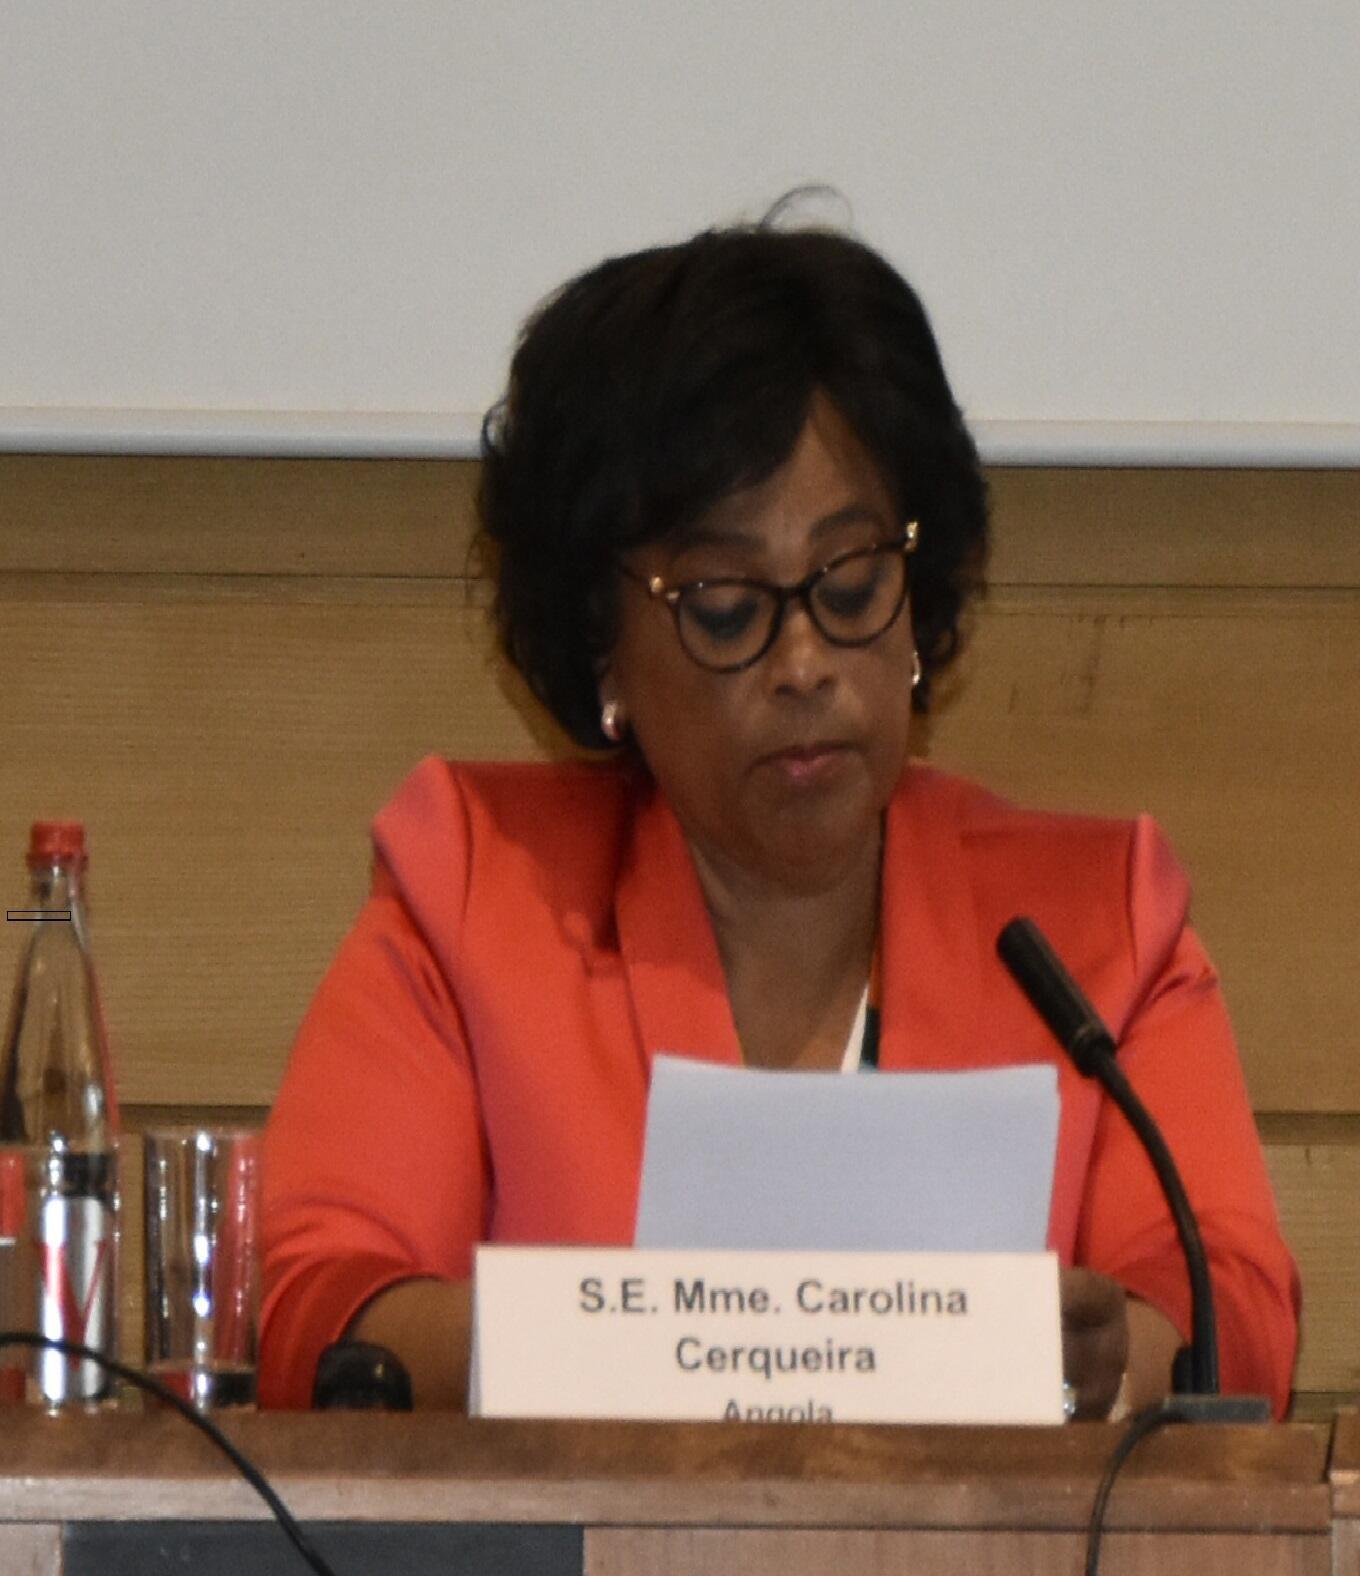 Ministra da Cultura de Angola, Carolina Cerqueira durante o Forum Unesco- África-China. Paris .3 de Junho de 2019